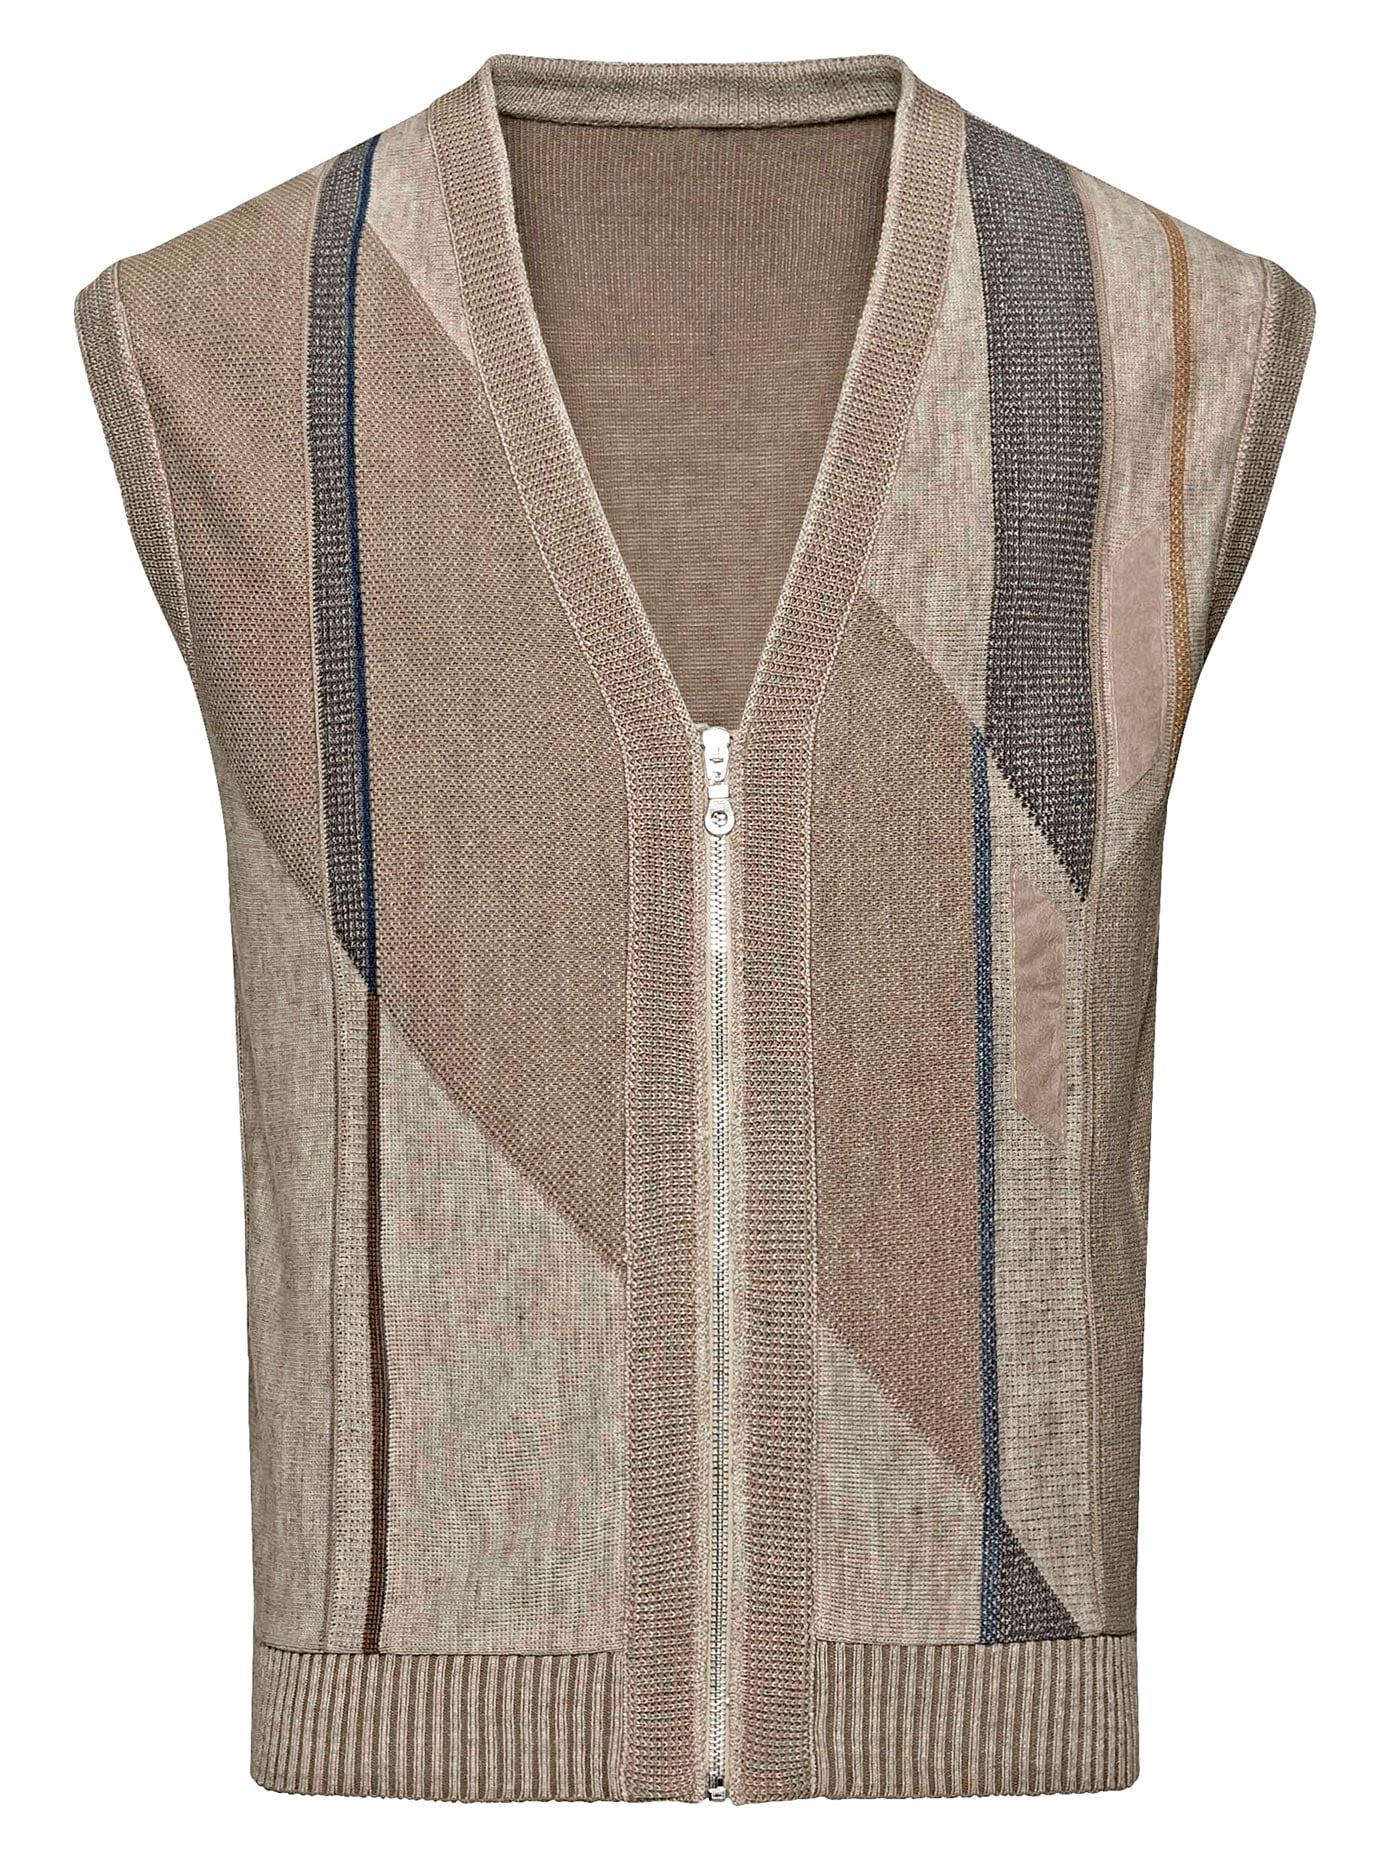 Classic Strickweste mit Intarsien-Muster   Bekleidung > Westen > Strickwesten   Classic